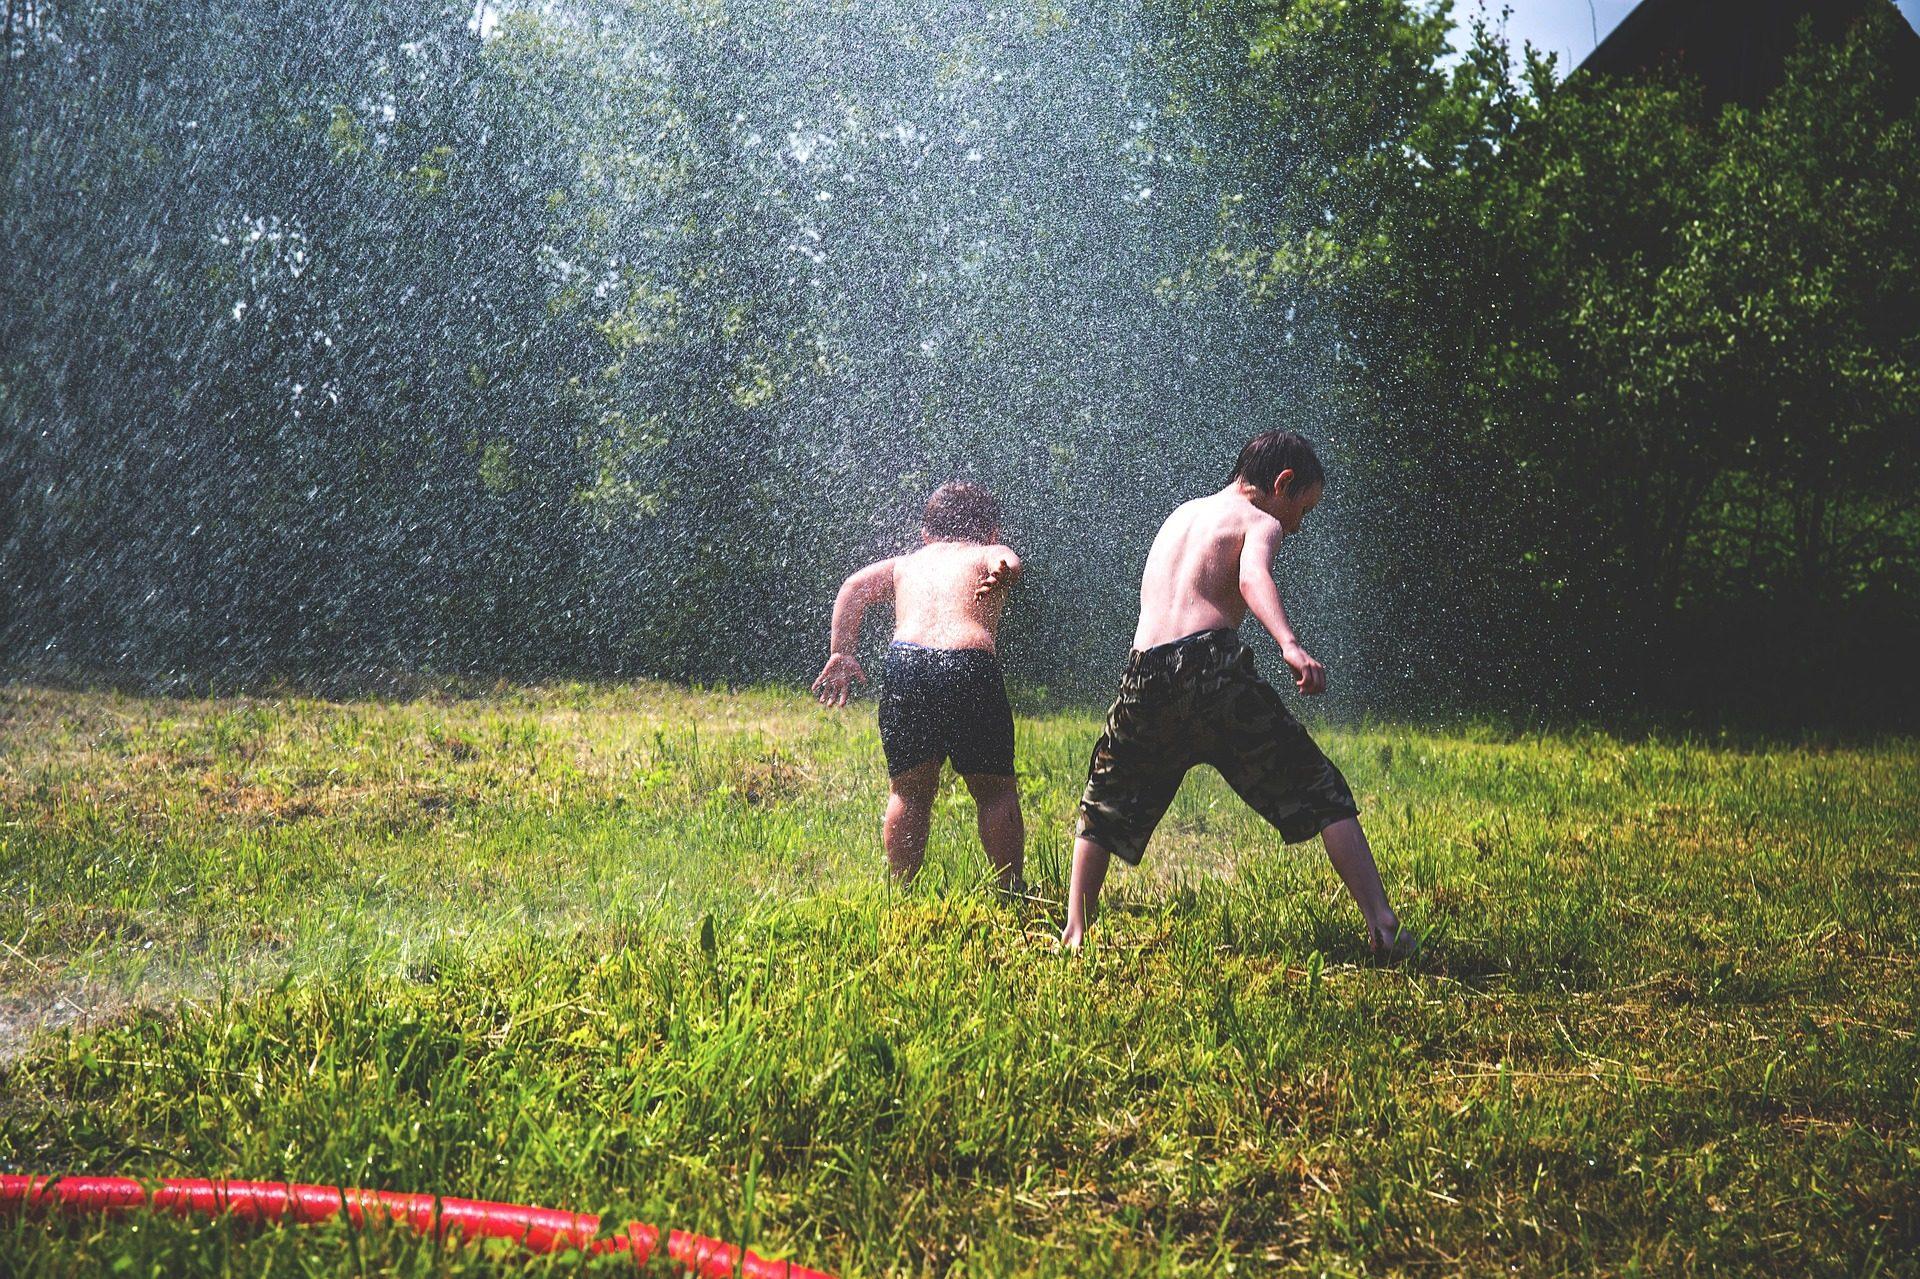 crianças, Jardim, jogo, água, gramado - Papéis de parede HD - Professor-falken.com